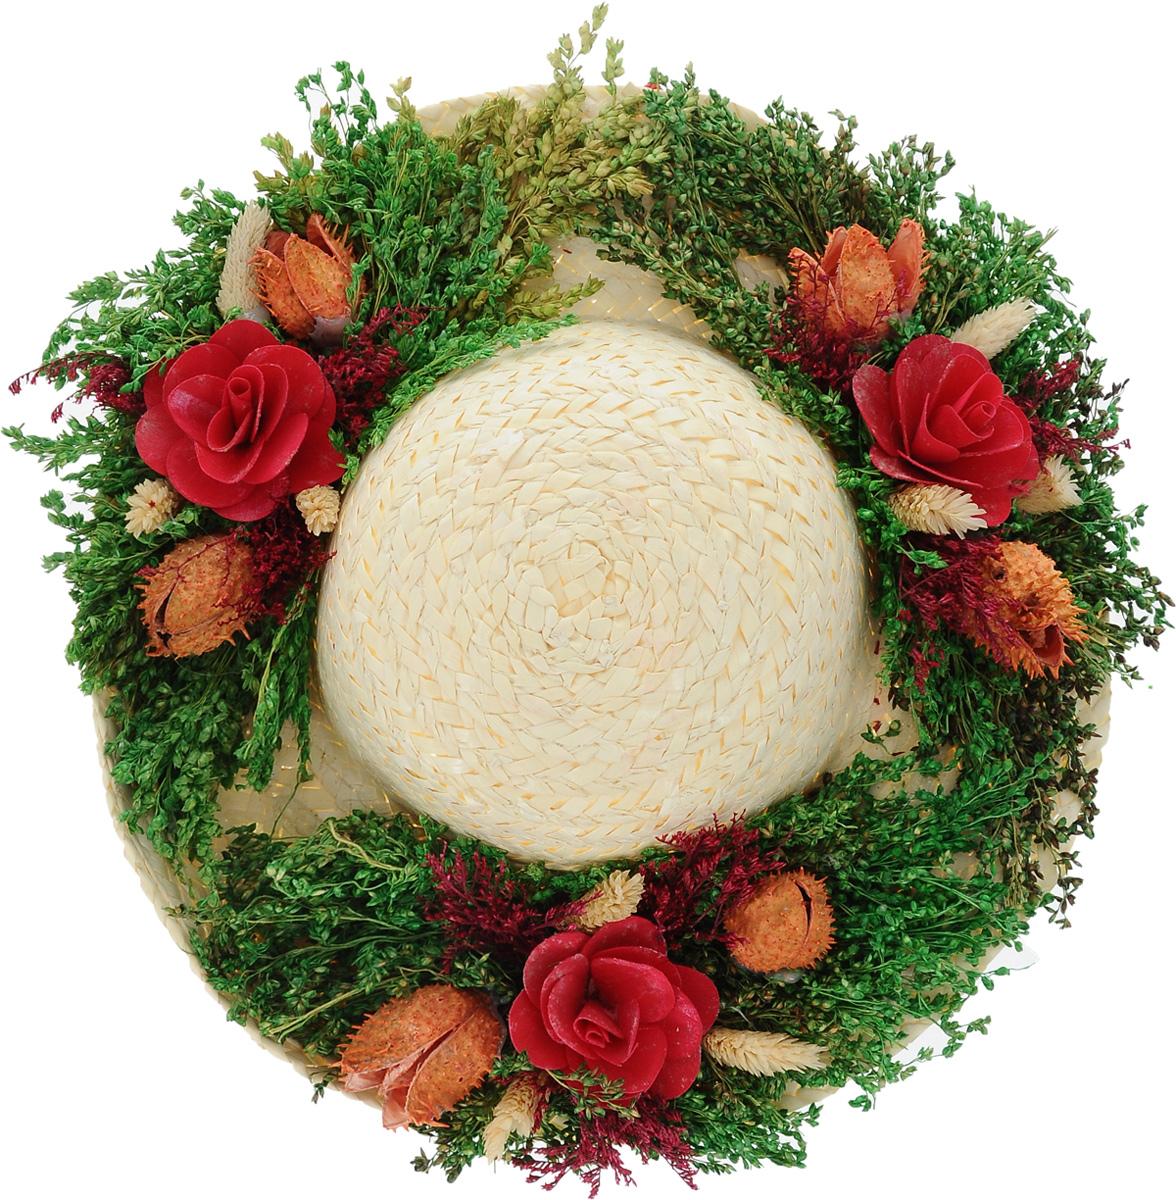 Декоративное настенное украшение Lillo Шляпа с цветами, цвет: светло-бежевый, зеленый, бордовыйAF 03127_бордовыйДекоративное подвесное украшение Lillo Шляпа с цветами выполнено из натуральной соломы и украшено сухоцветами. Такая шляпа станет изящным элементом декора в вашем доме. С задней стороны расположена петелька для подвешивания. Такое украшение не только подчеркнет ваш изысканный вкус, но и прекрасным подарком, который обязательно порадует получателя.Размер шляпы: 29 см х 29 см х 7,5 см.